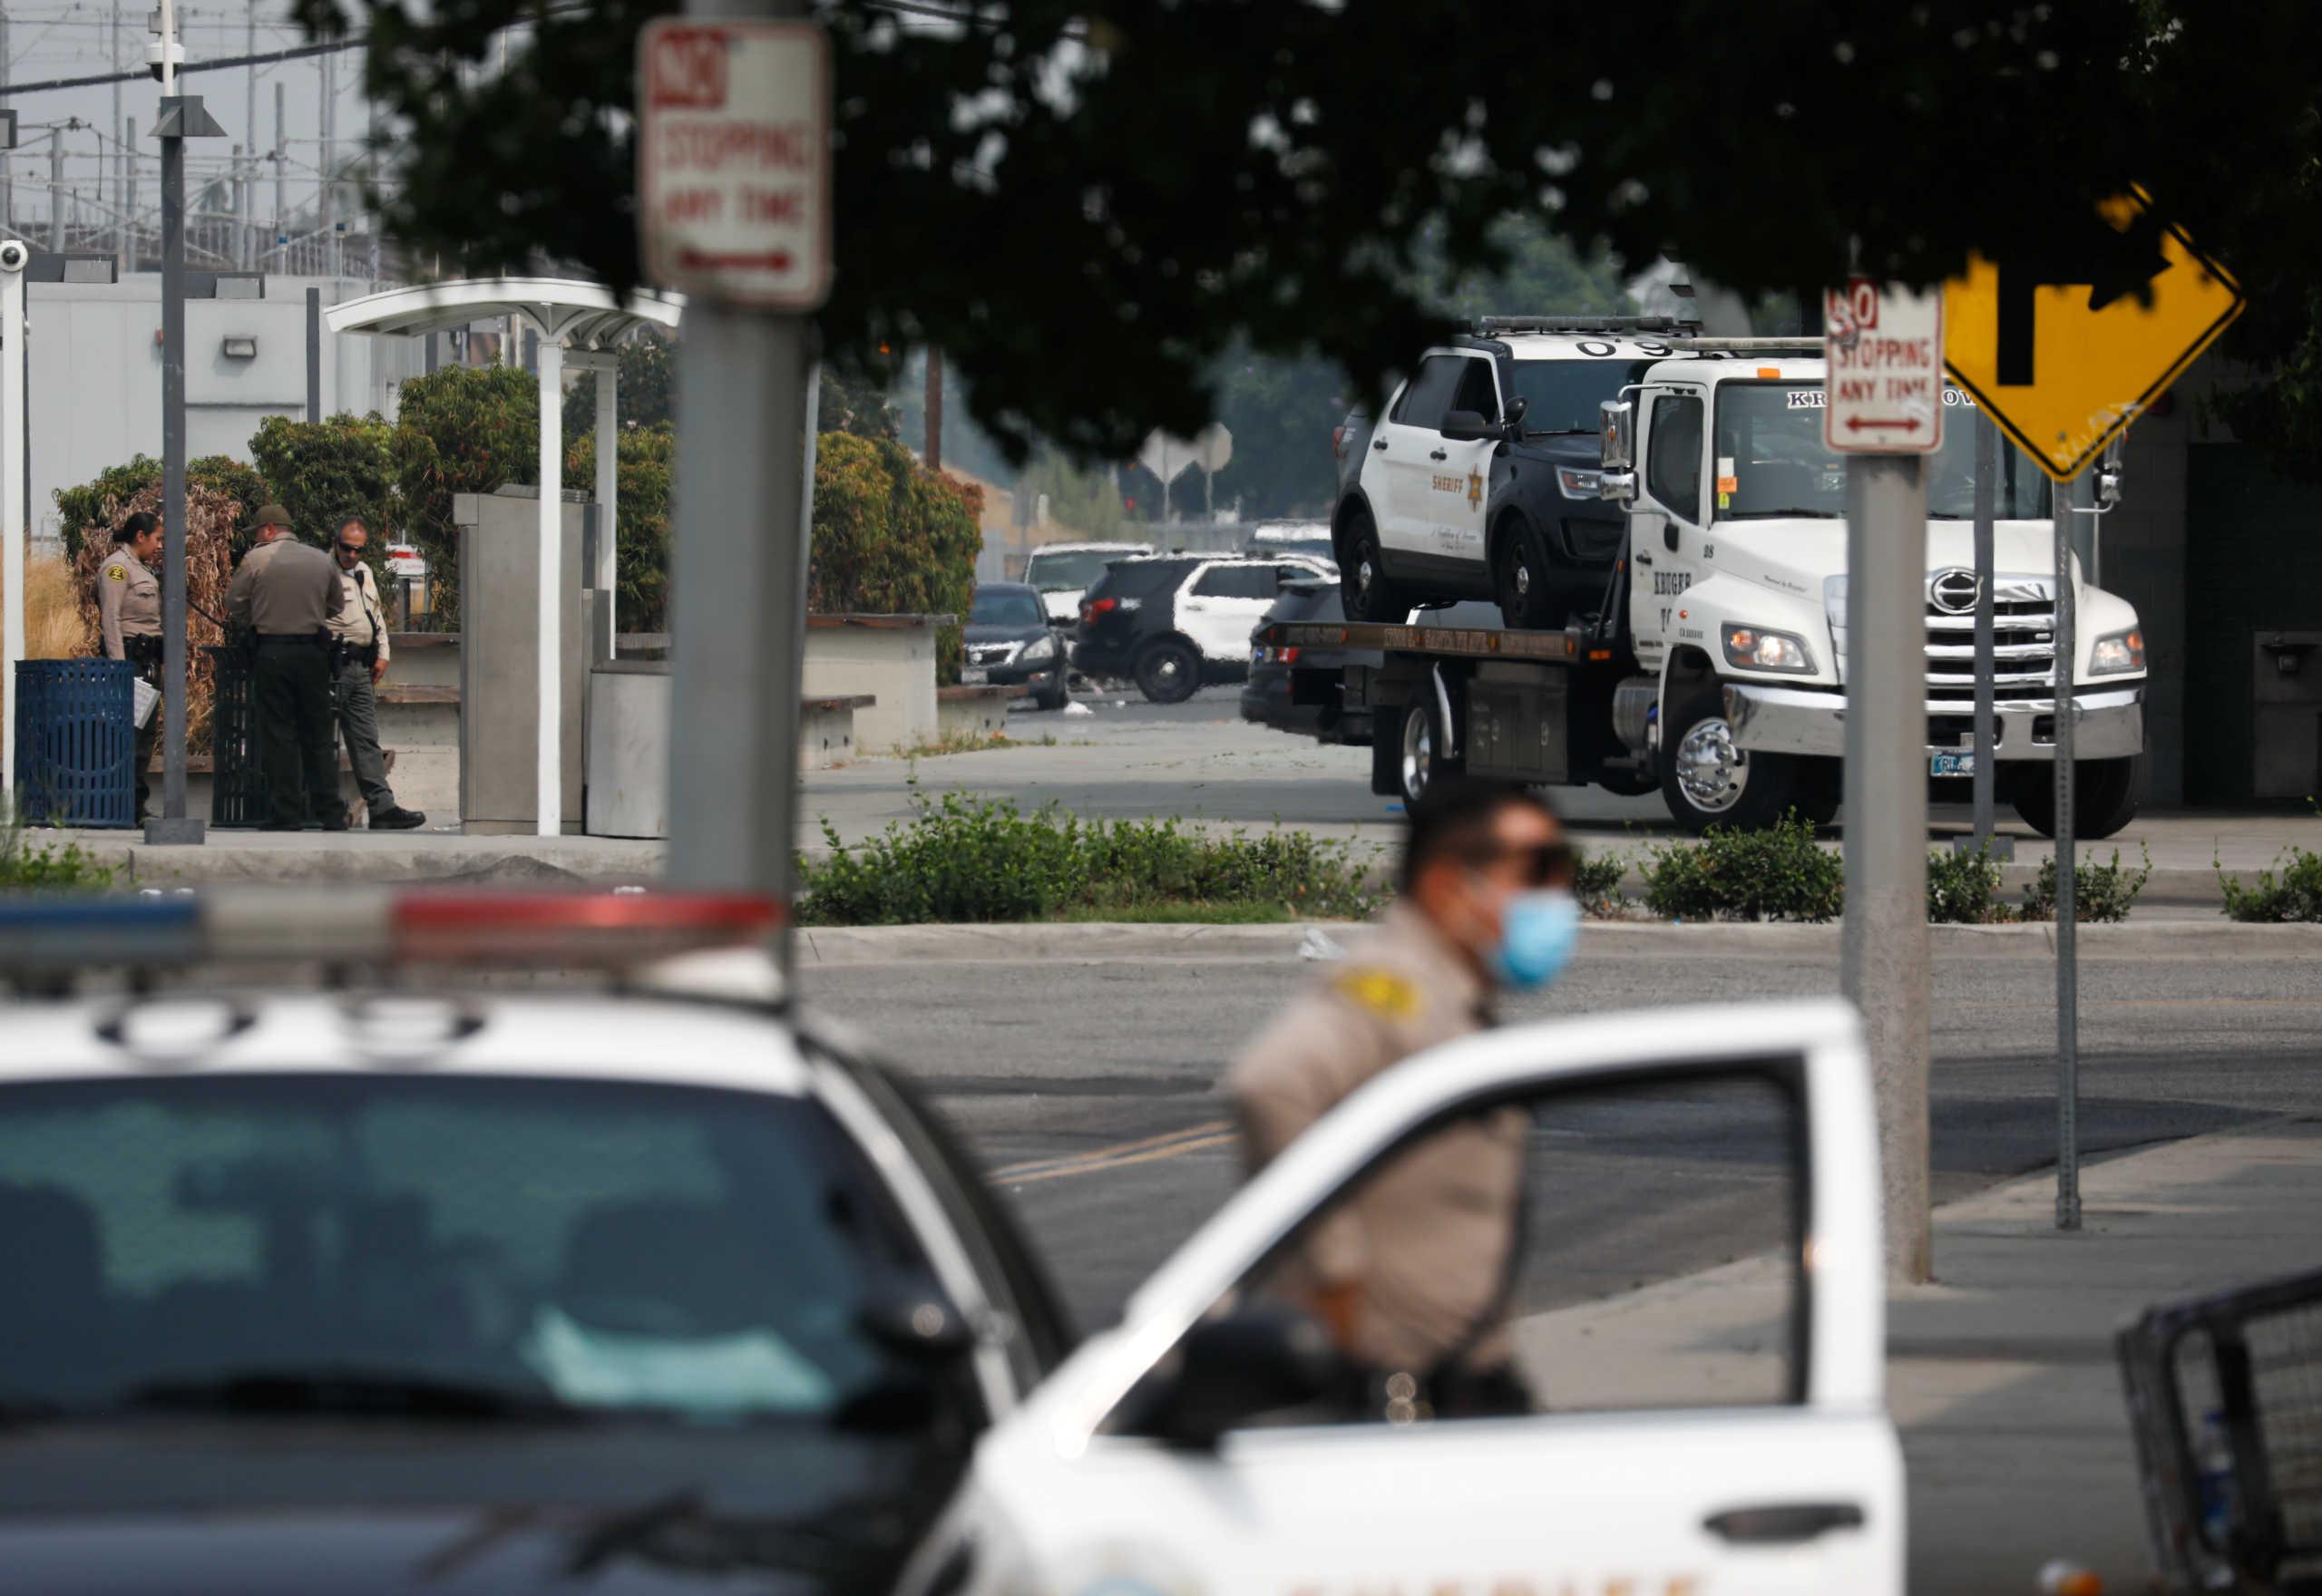 Λος Άντζελες: Ανθρωποκυνηγητό για τη σύλληψη του δράστη που τραυμάτισε σοβαρά 2 αστυνομικούς